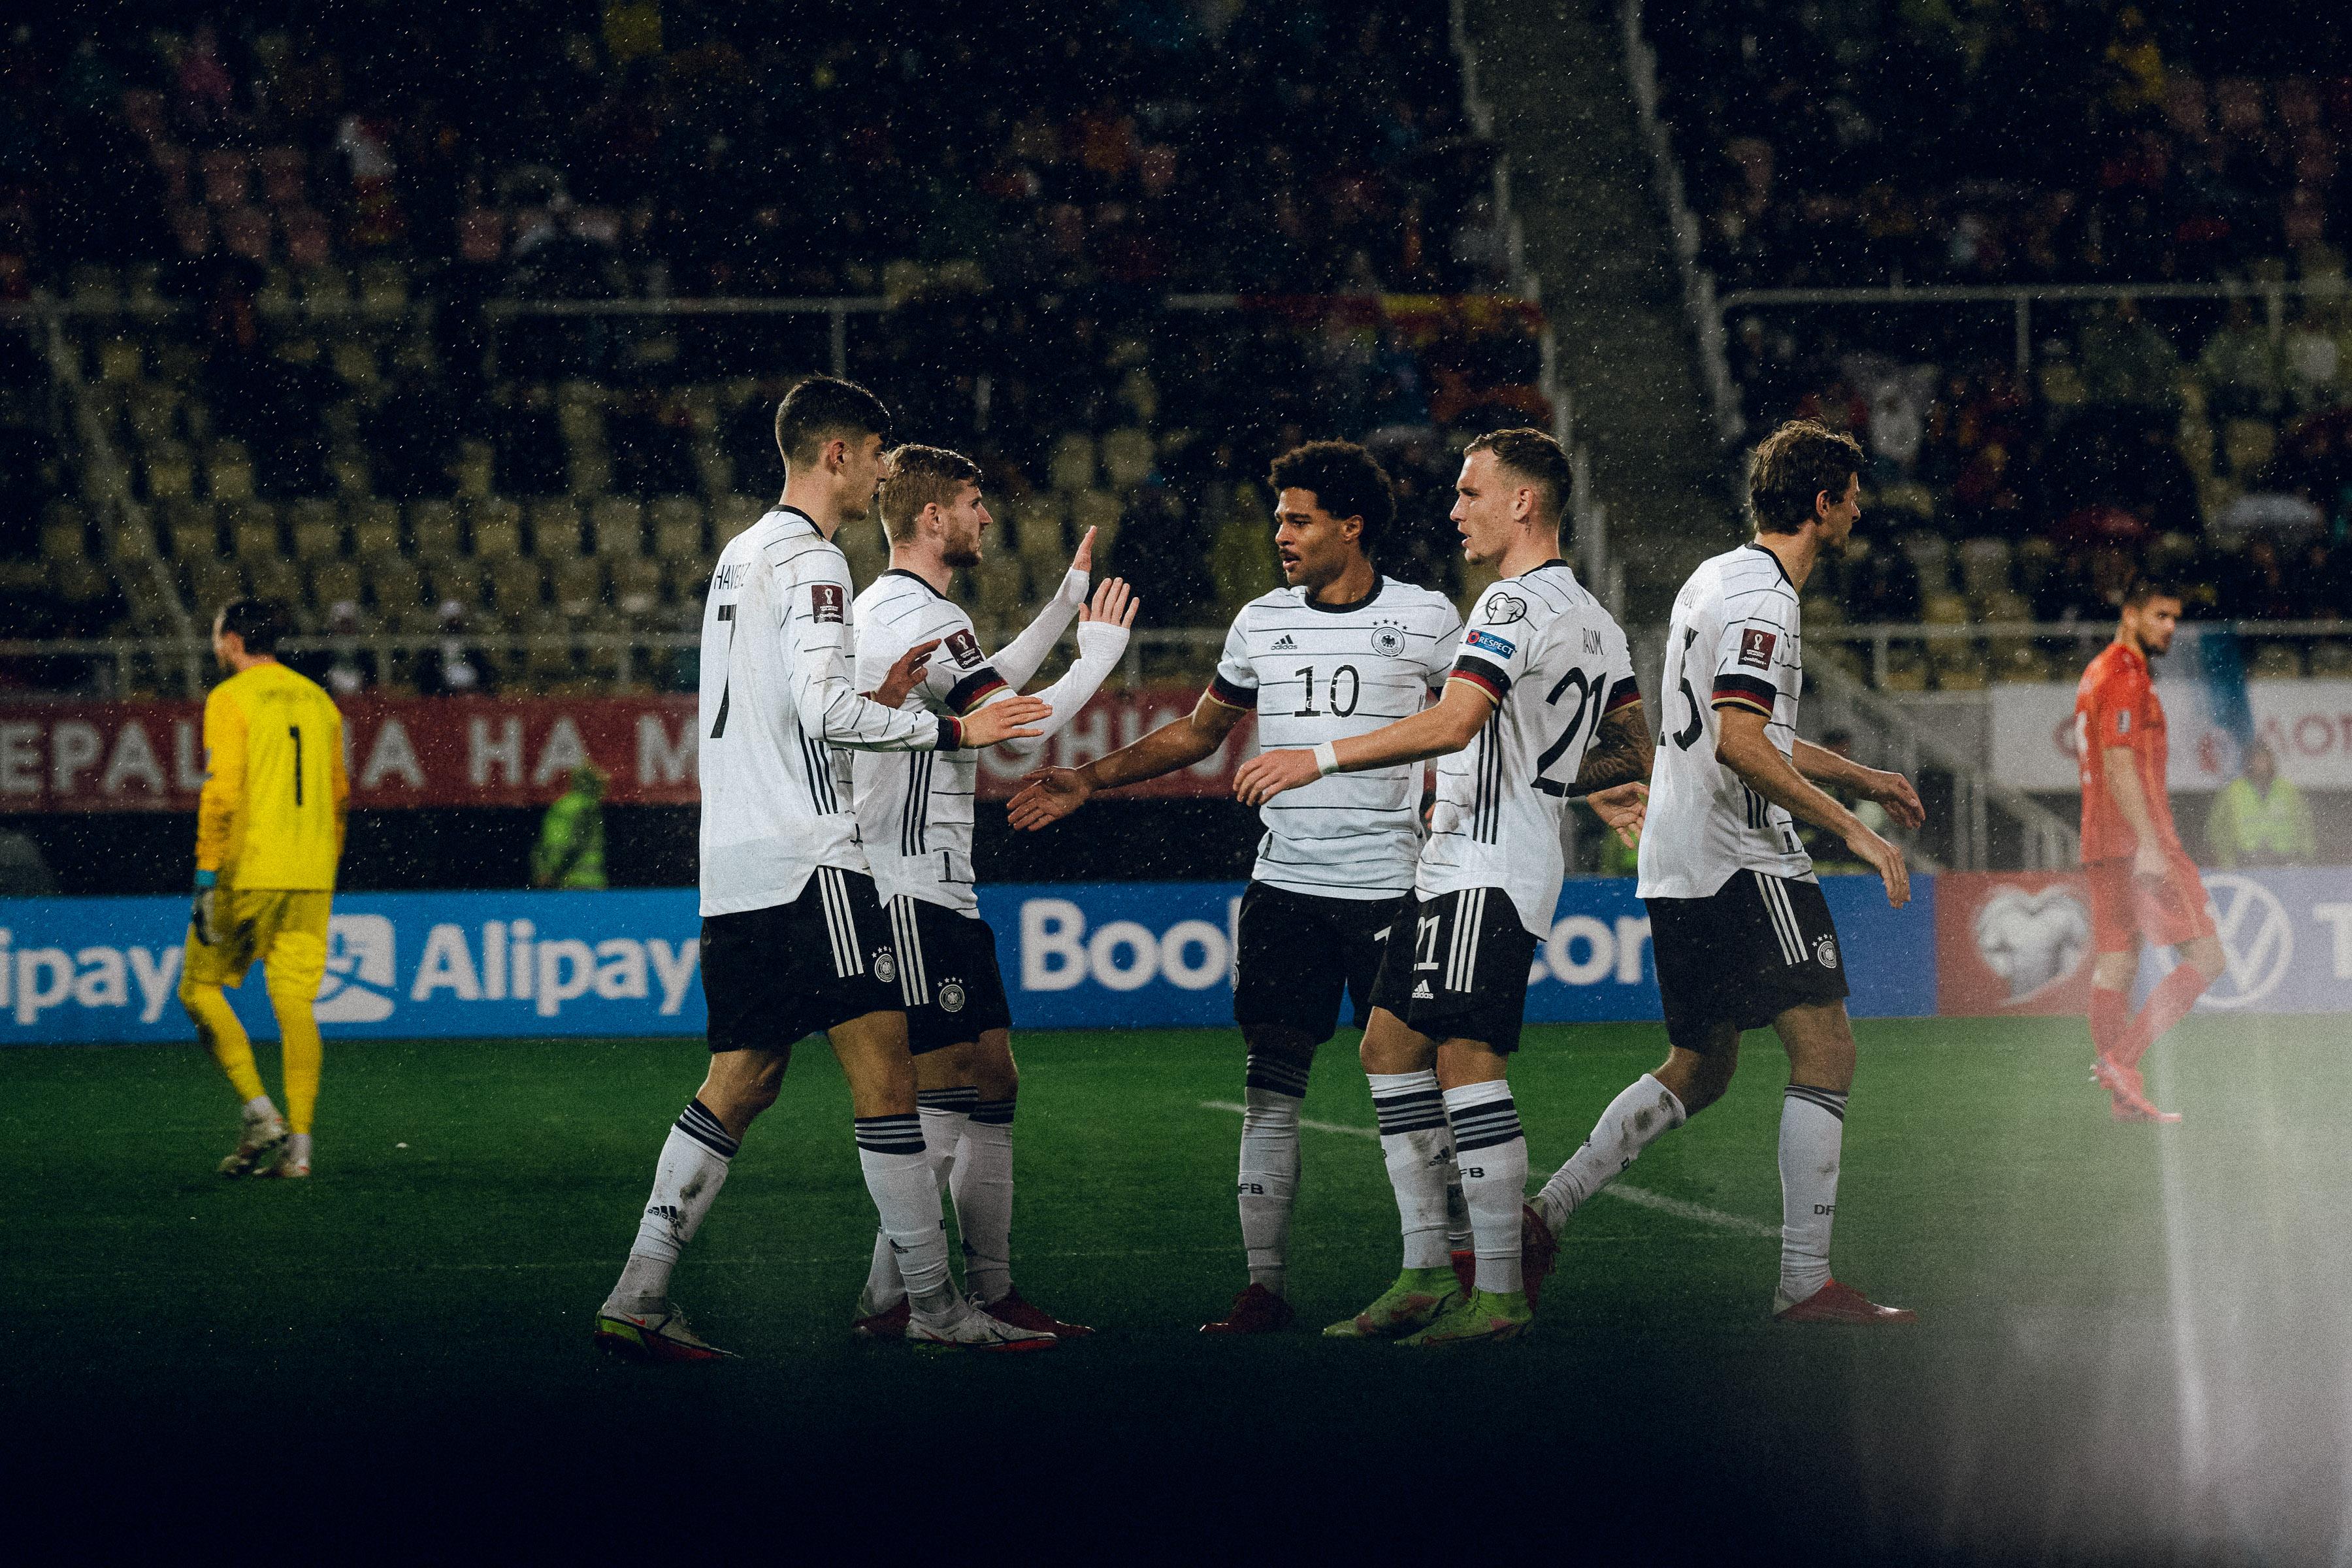 Немцы едут на Чемпионат мира. Обзор матча Северная Македония – Германия